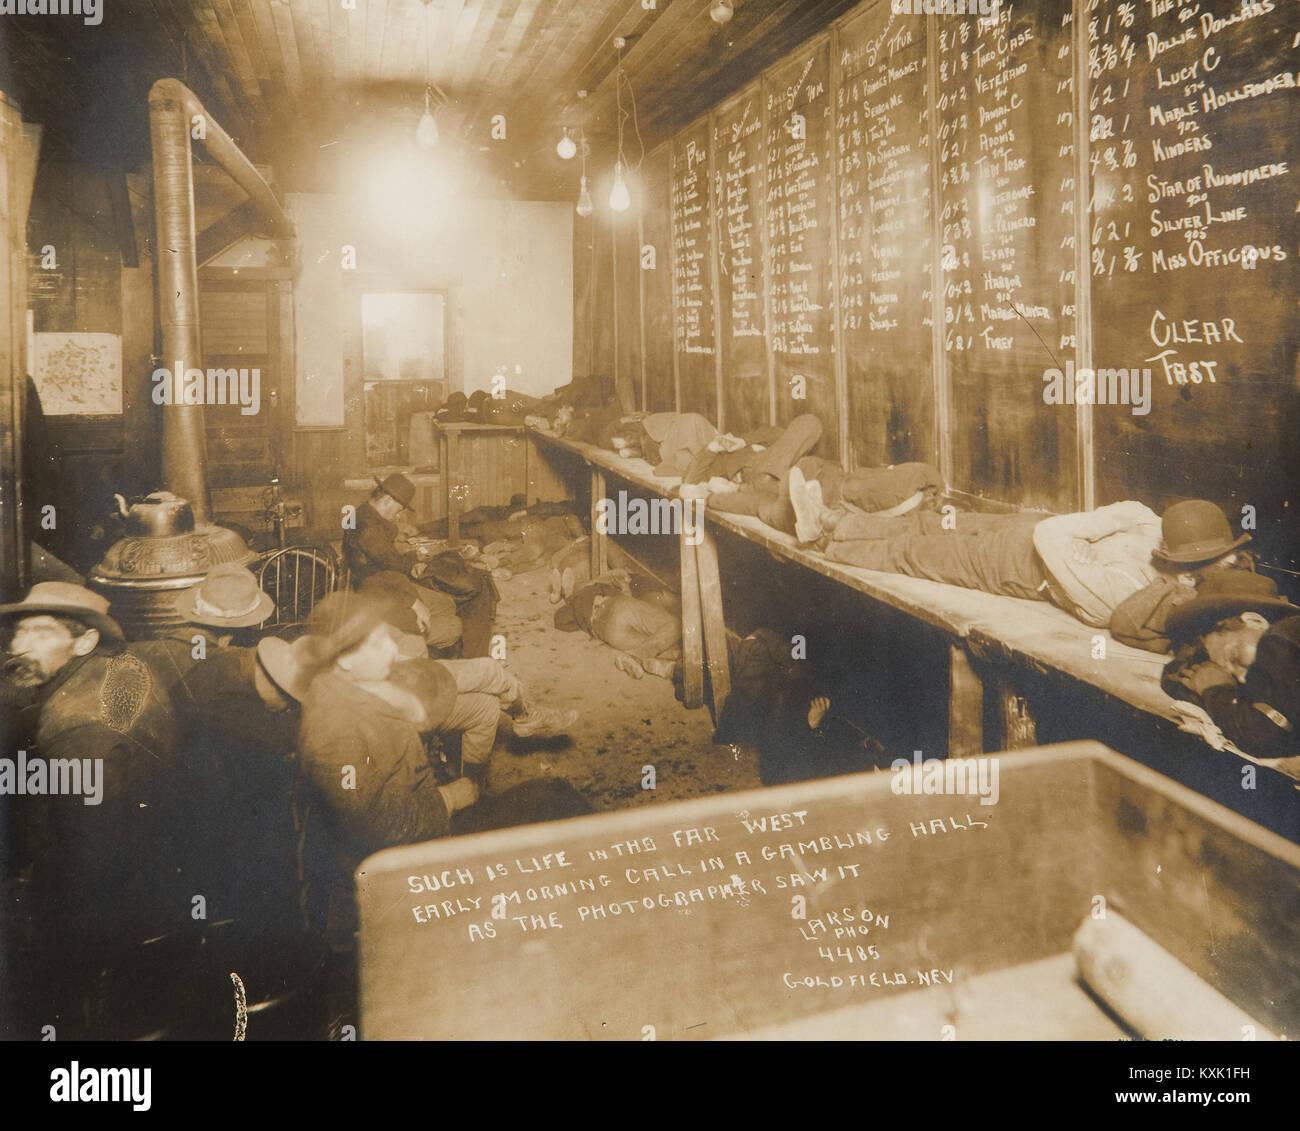 Gambling Hall Foto - DER UCH ist Leben im Fernen Westen/am frühen Morgen Anruf in einer Spielhalle Stockbild